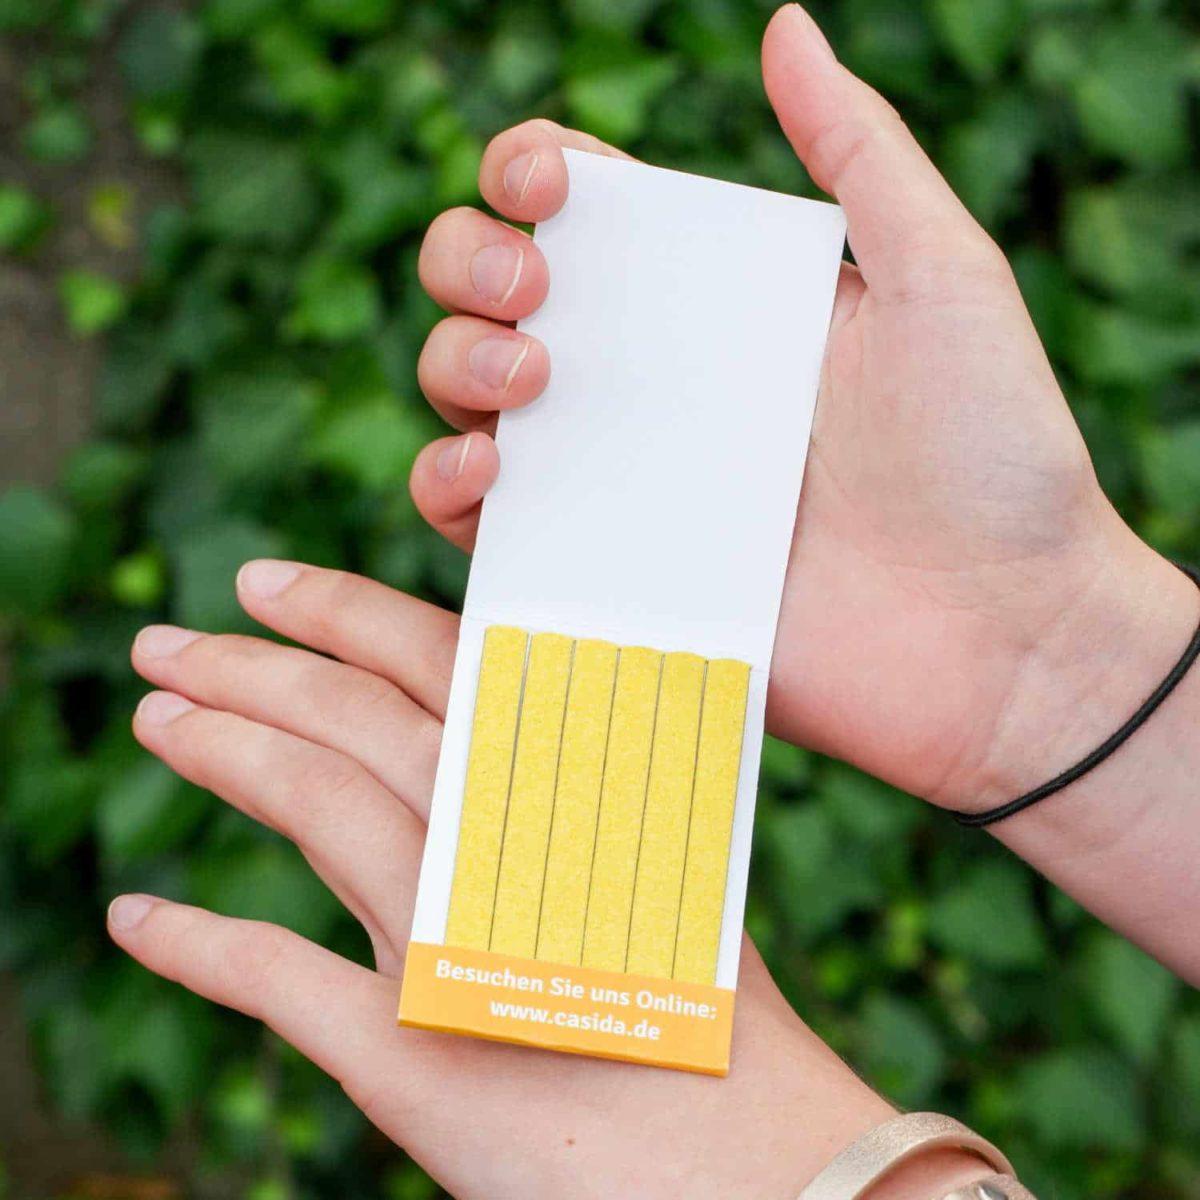 Einmalfeilen Nagelöl Nagelpilz entfernen Anleitung